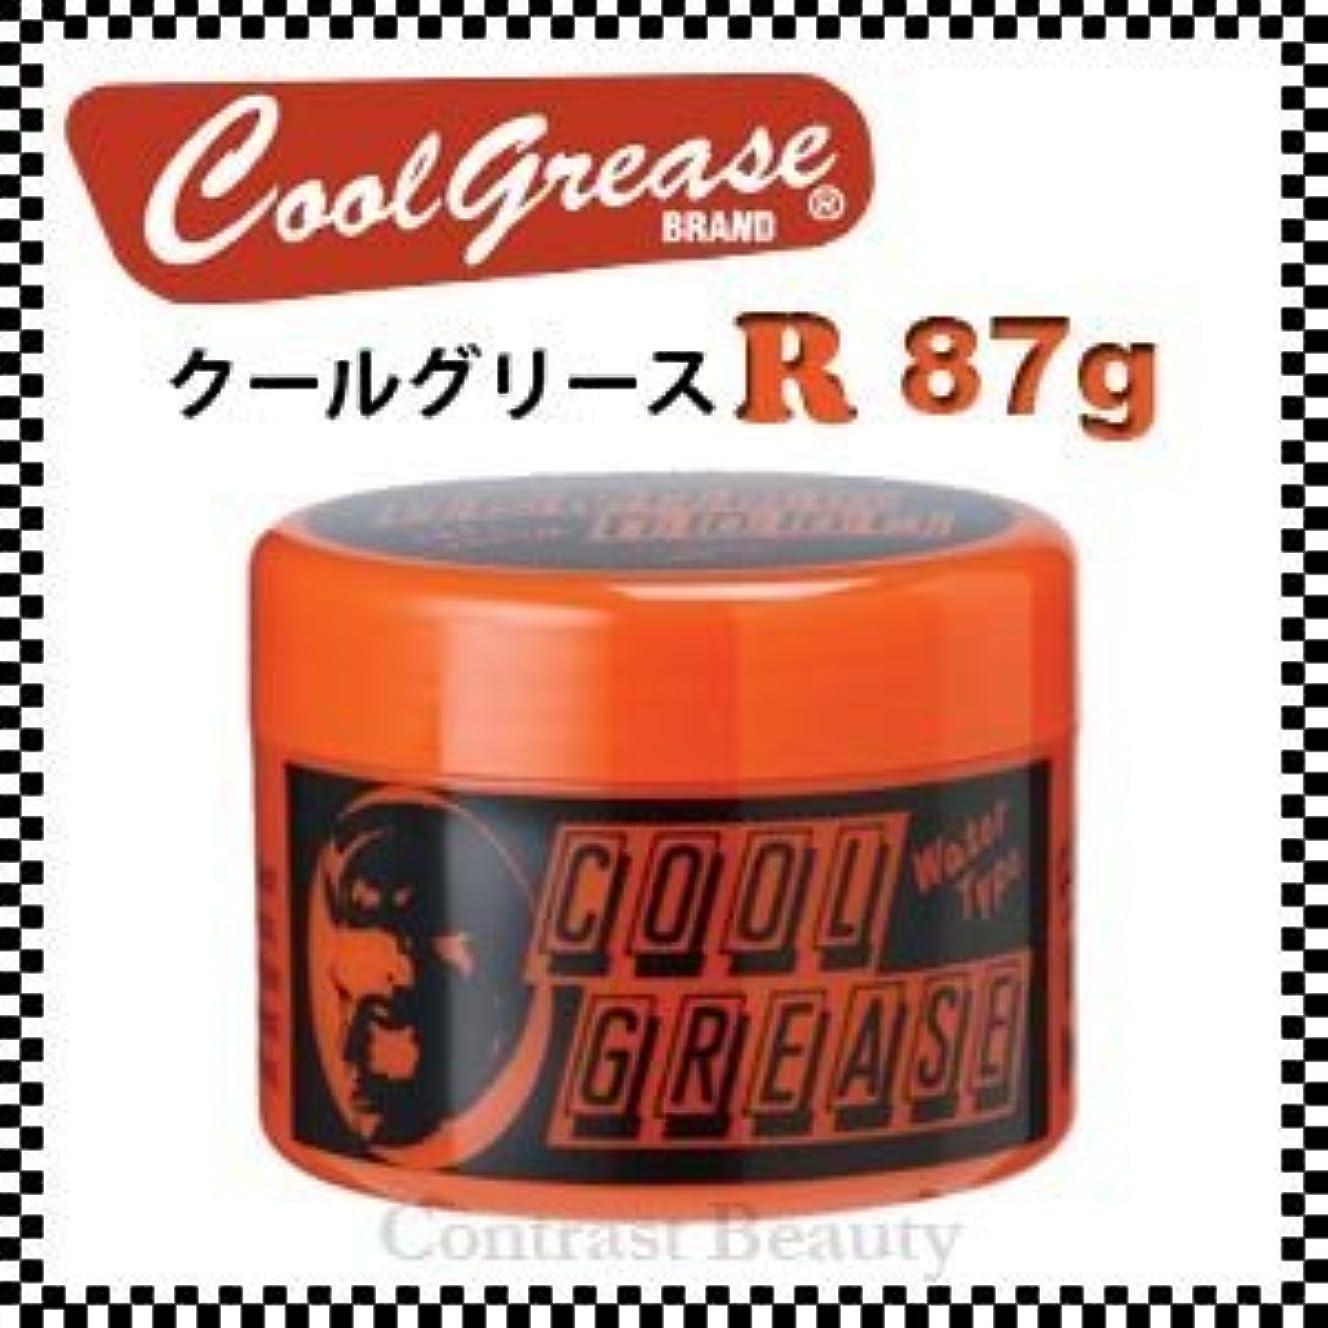 分析的なこする驚くべき阪本高生堂 クールグリース R 87g